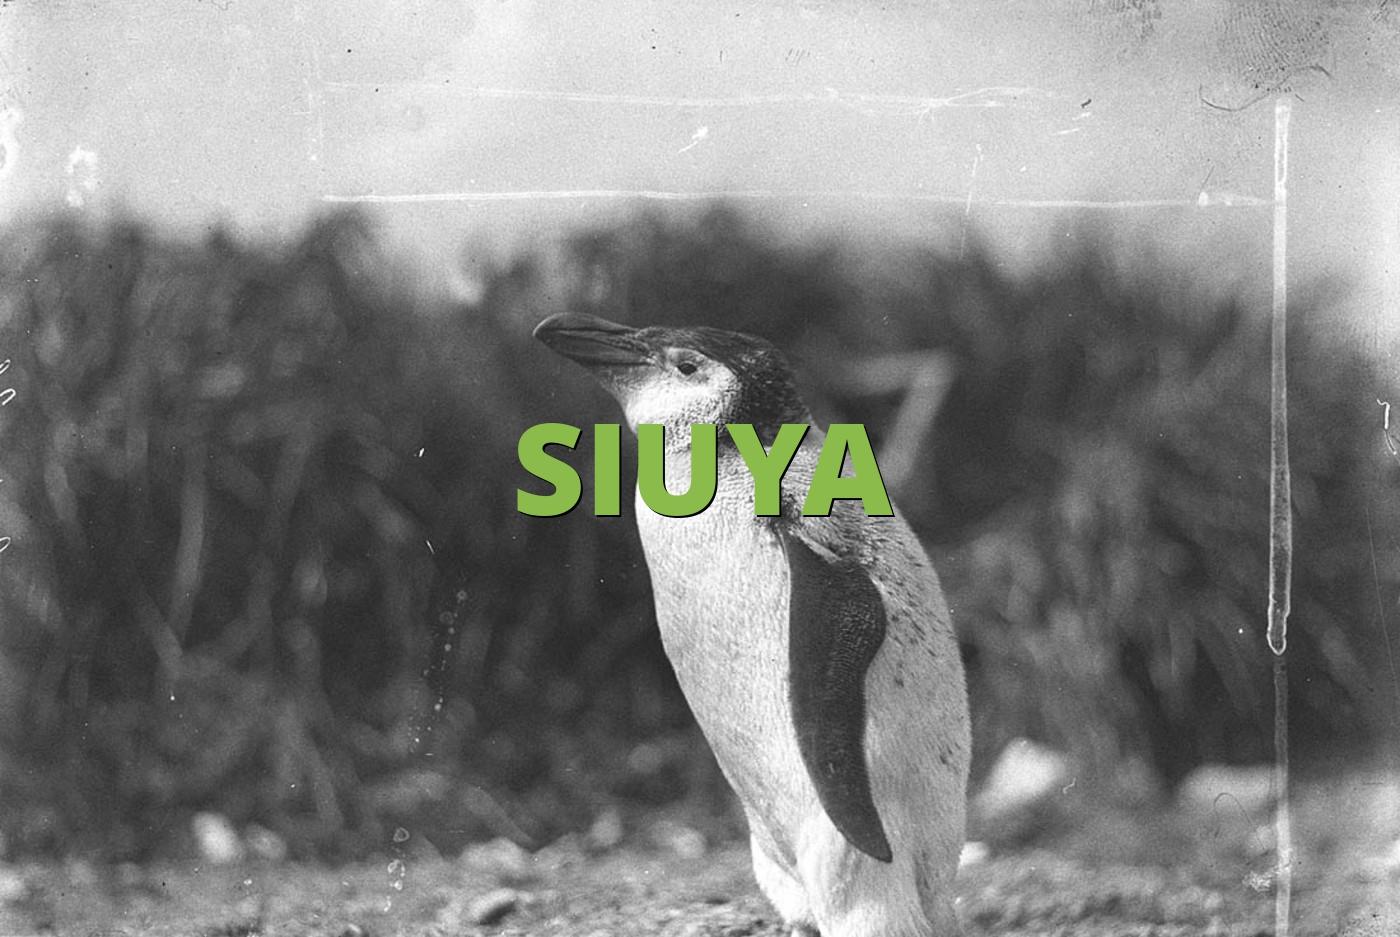 SIUYA